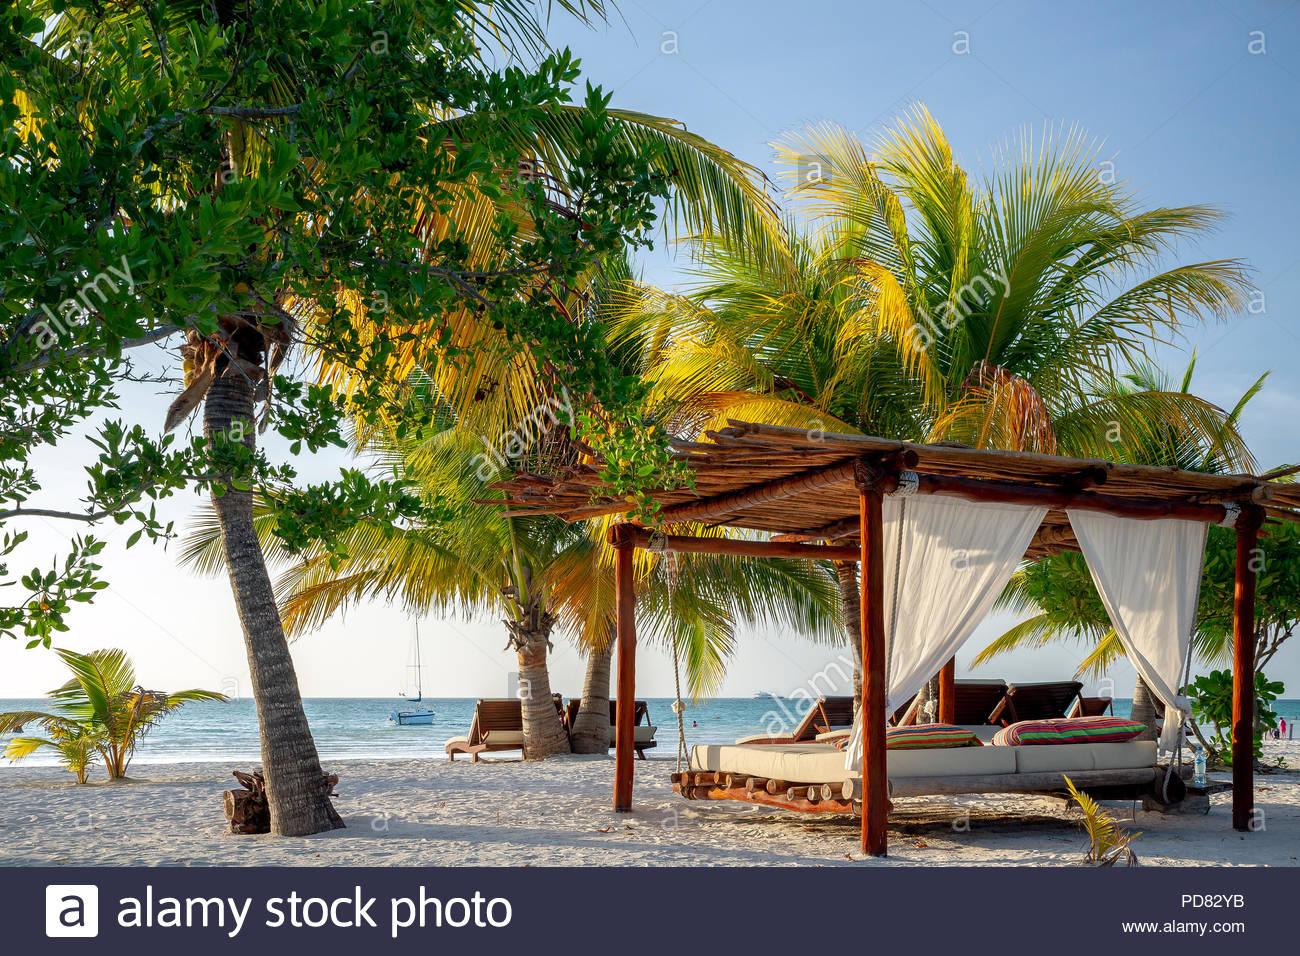 holbox-island-beach-PD82YB.jpg